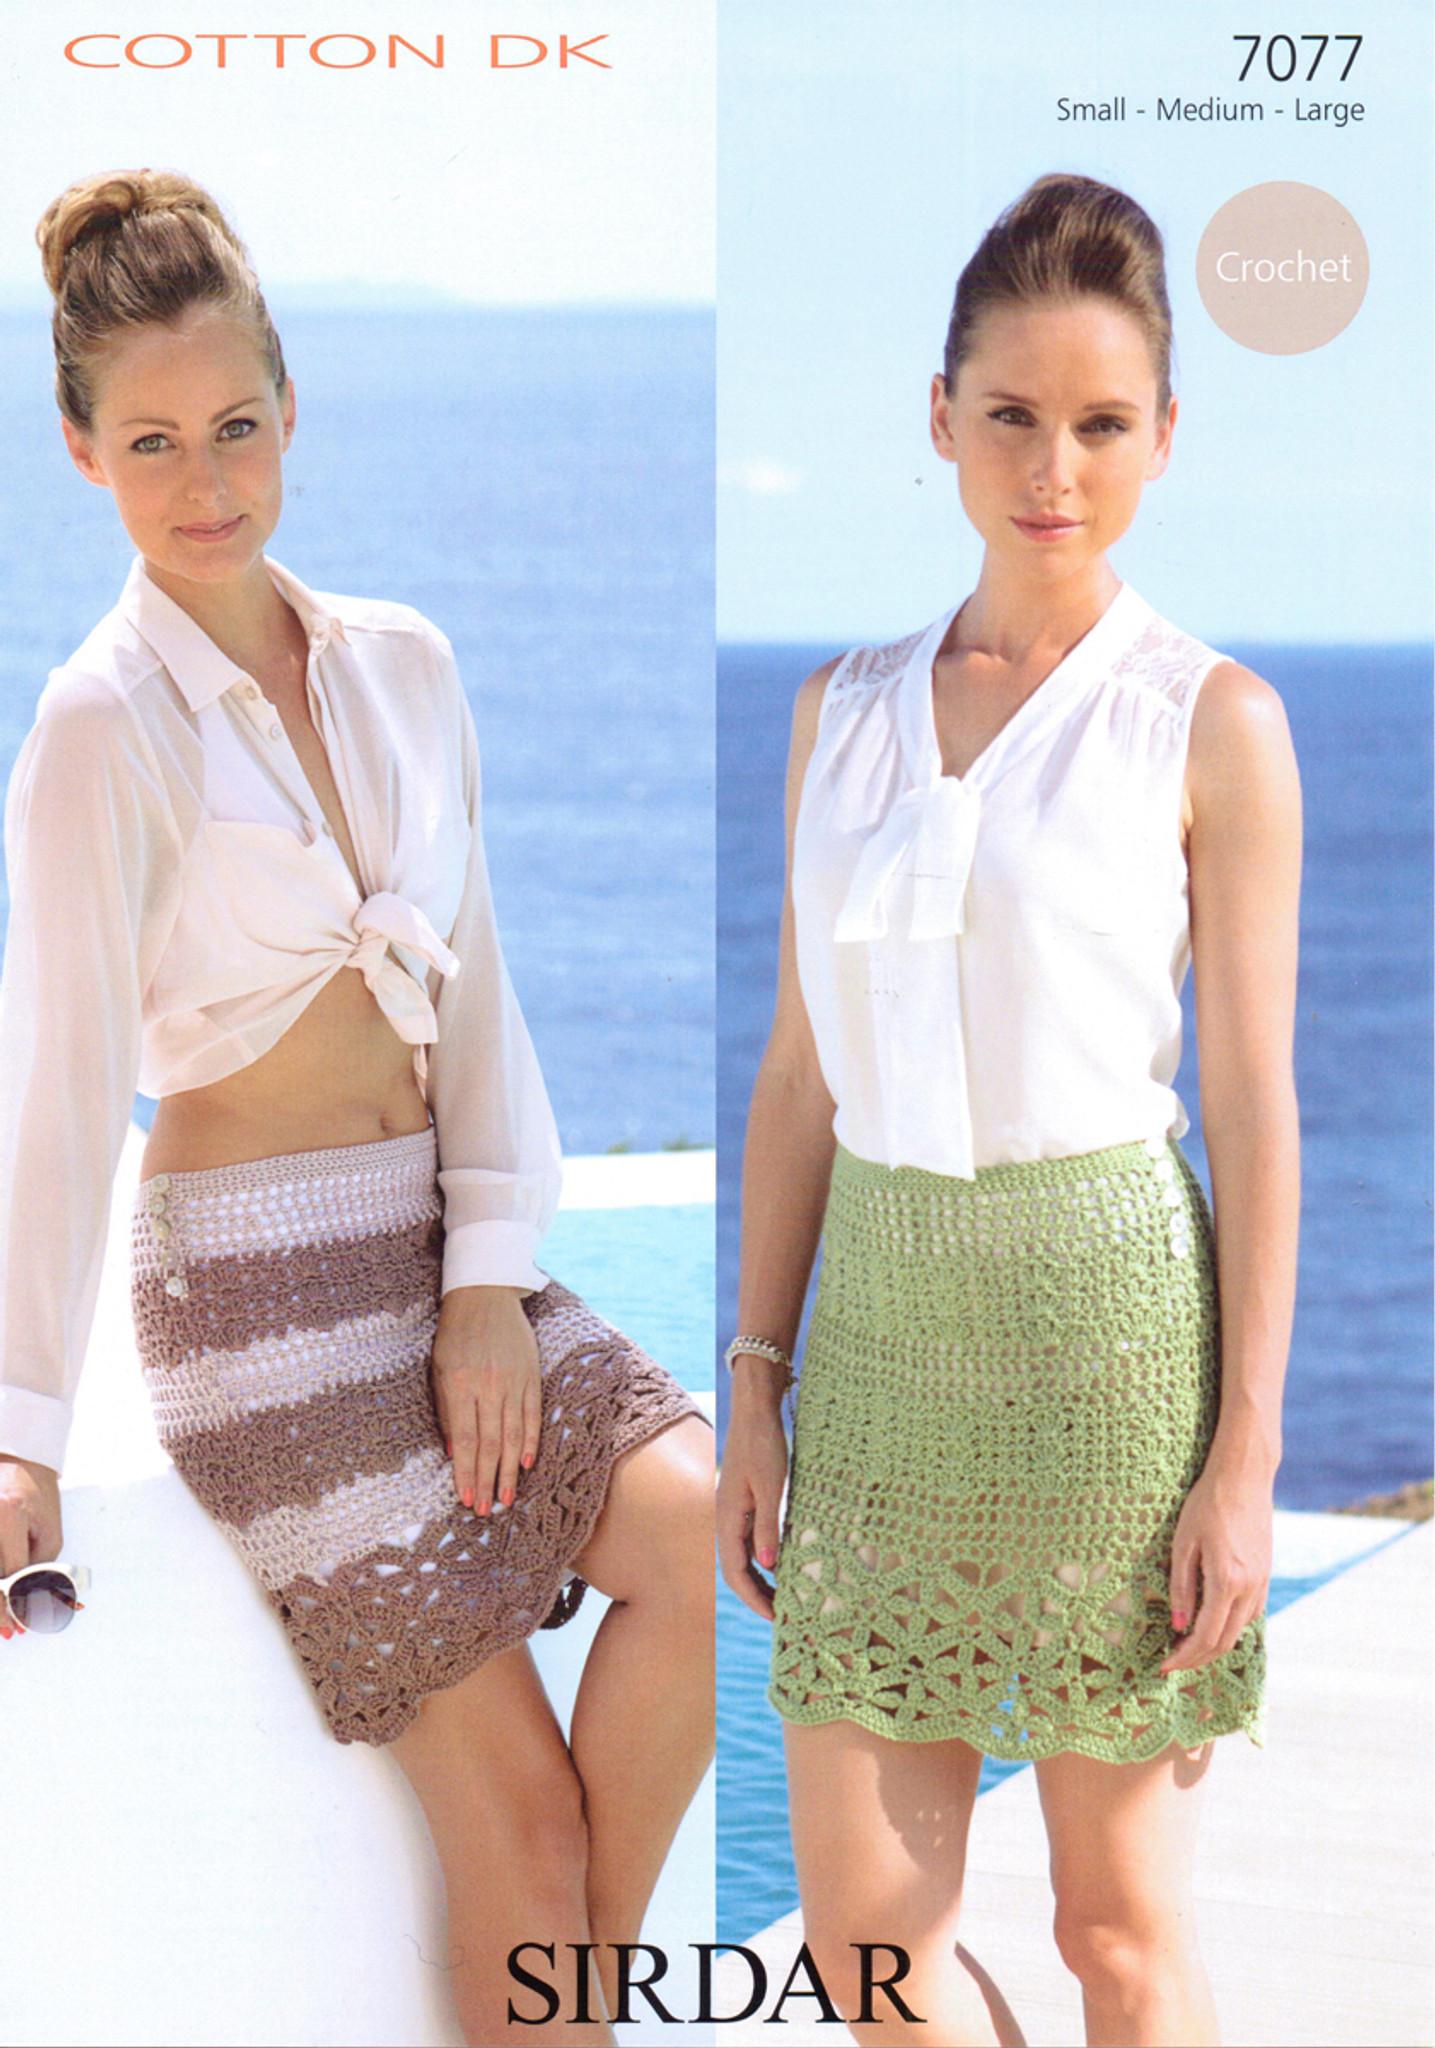 Sirdar Cotton DK Pattern No 7077 Crochet Skirt